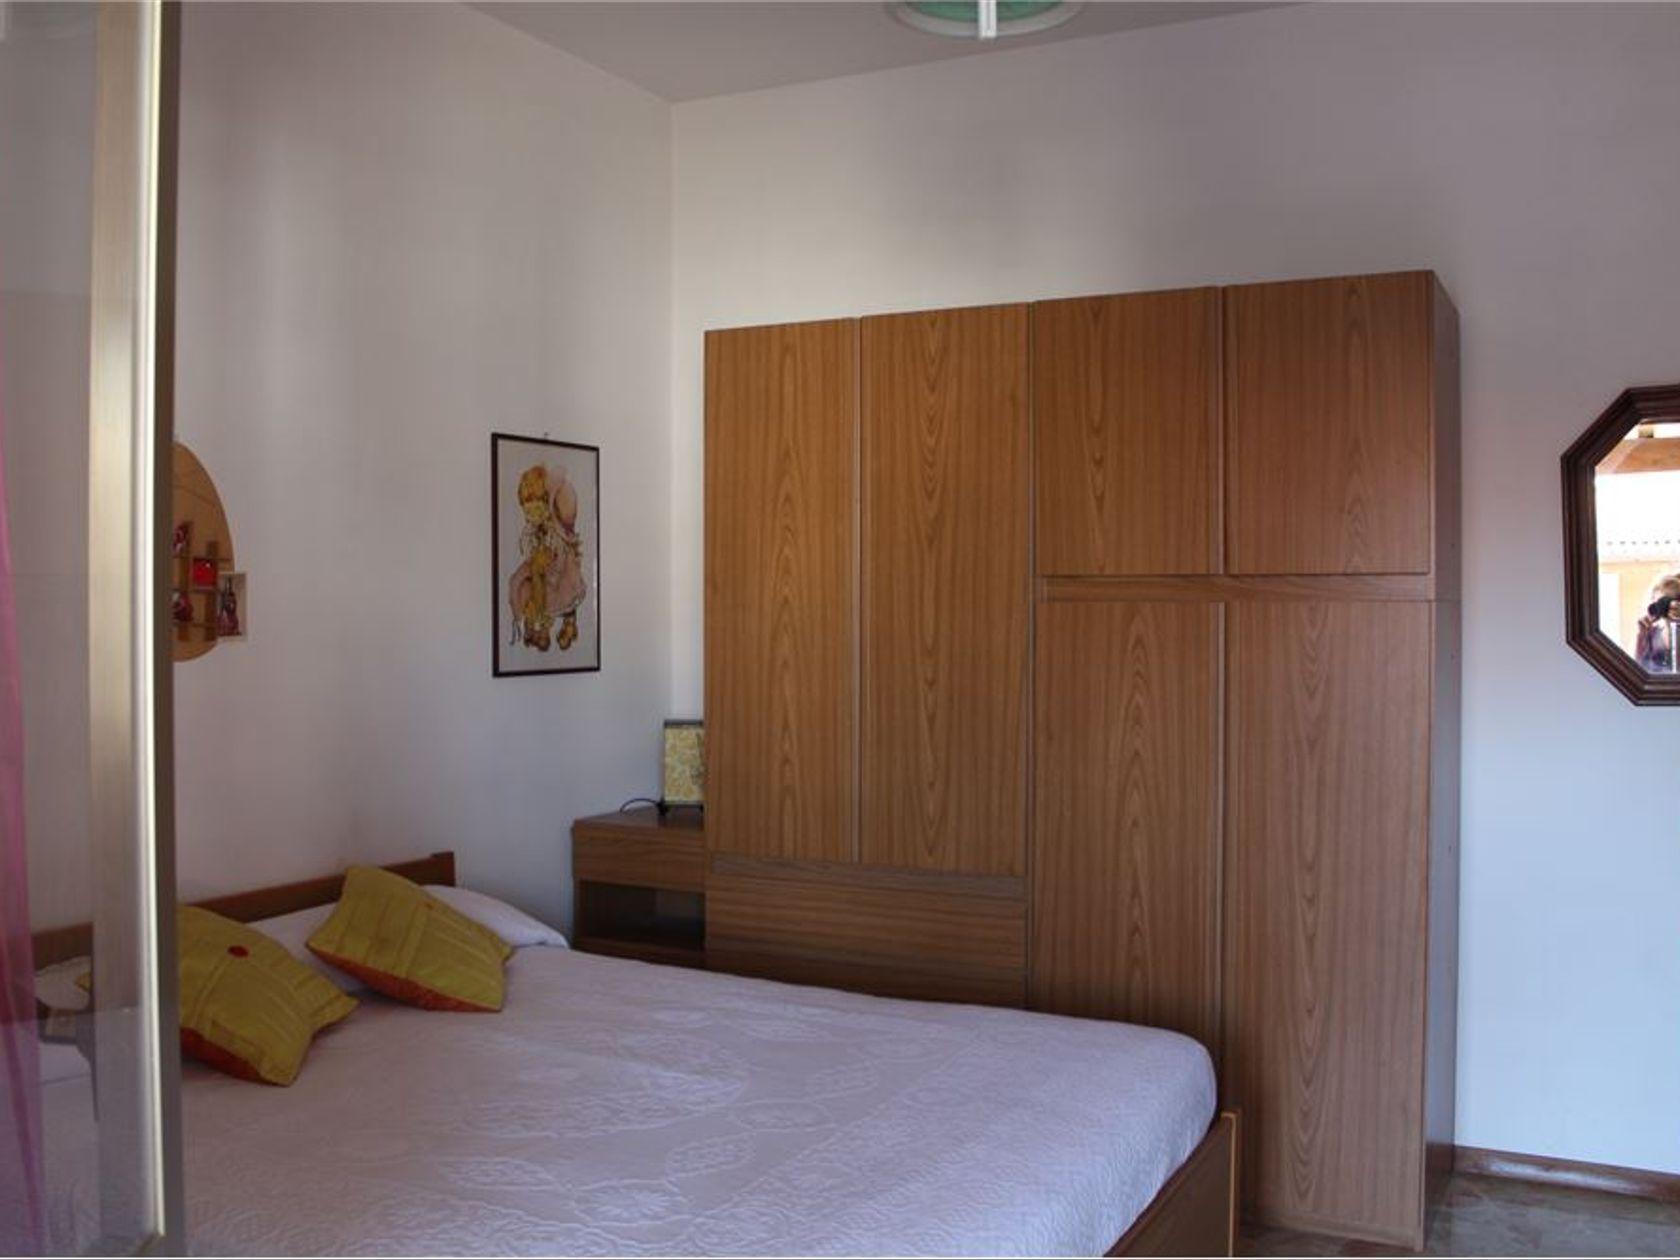 Appartamento Vasto Marina, Vasto, CH Vendita - Foto 12